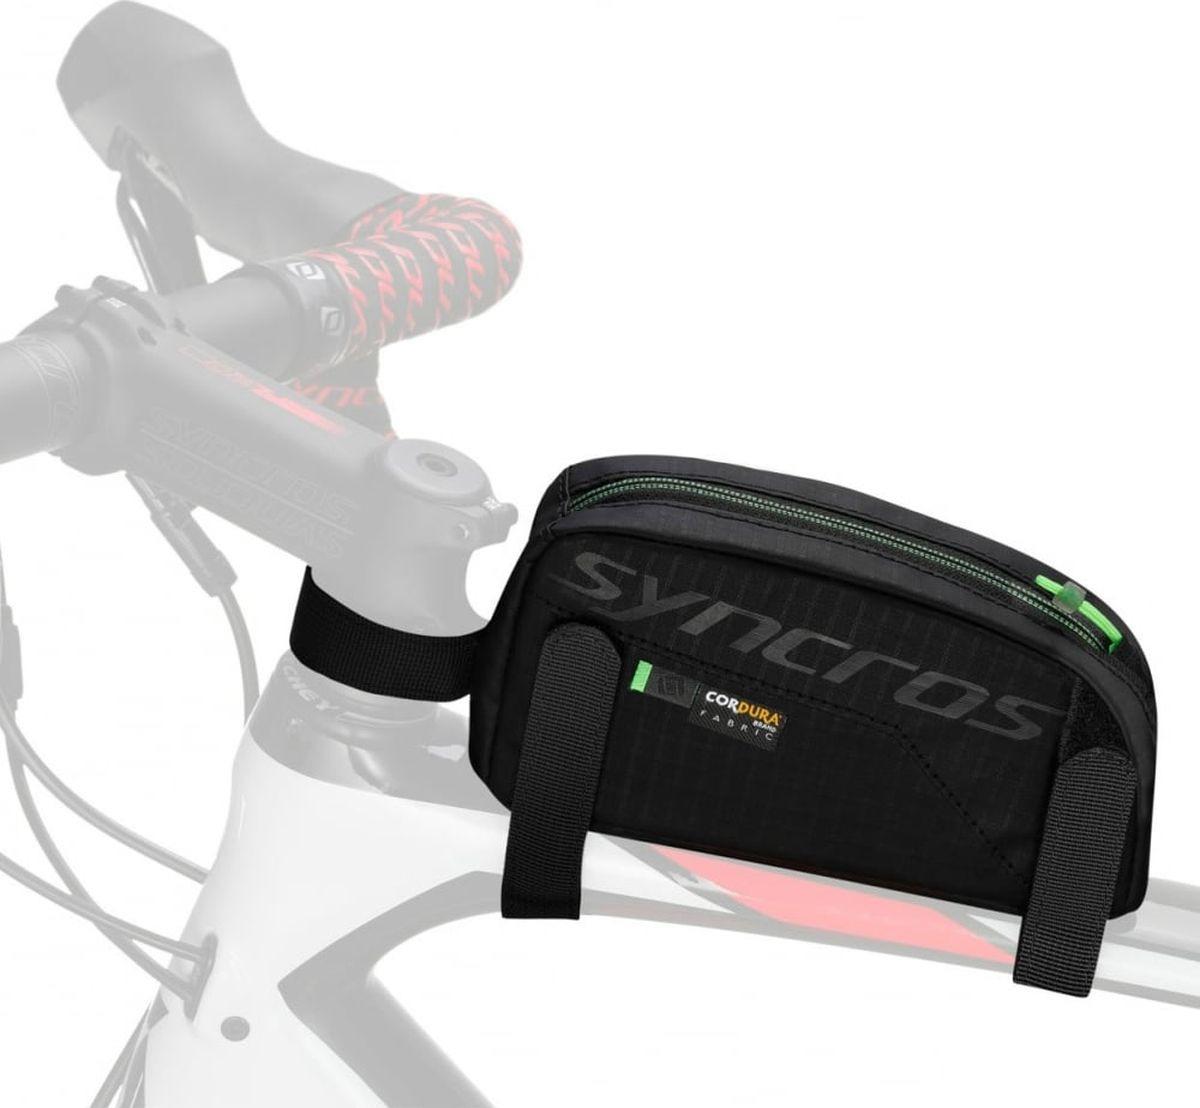 цена на Сумка на раму Syncros Frame Nutrition, 264526-0001, черный